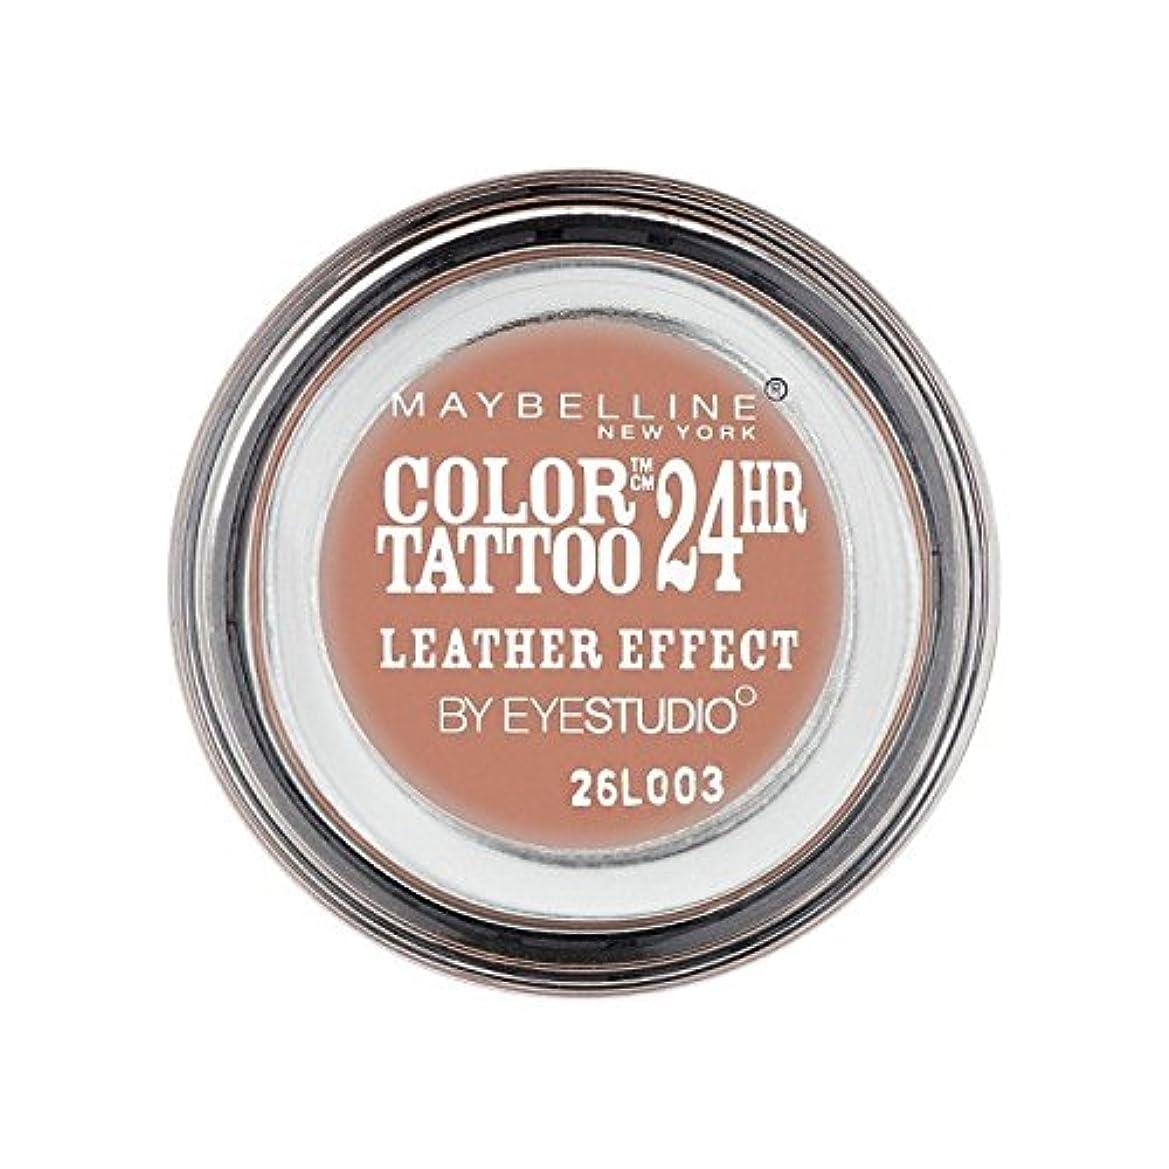 評価可能ポットゴシップメイベリンカラータトゥー24時間アイシャドウレザー効果98 x2 - Maybelline Color Tattoo 24Hr Eyeshadow Leather Effect 98 (Pack of 2) [並行輸入品]